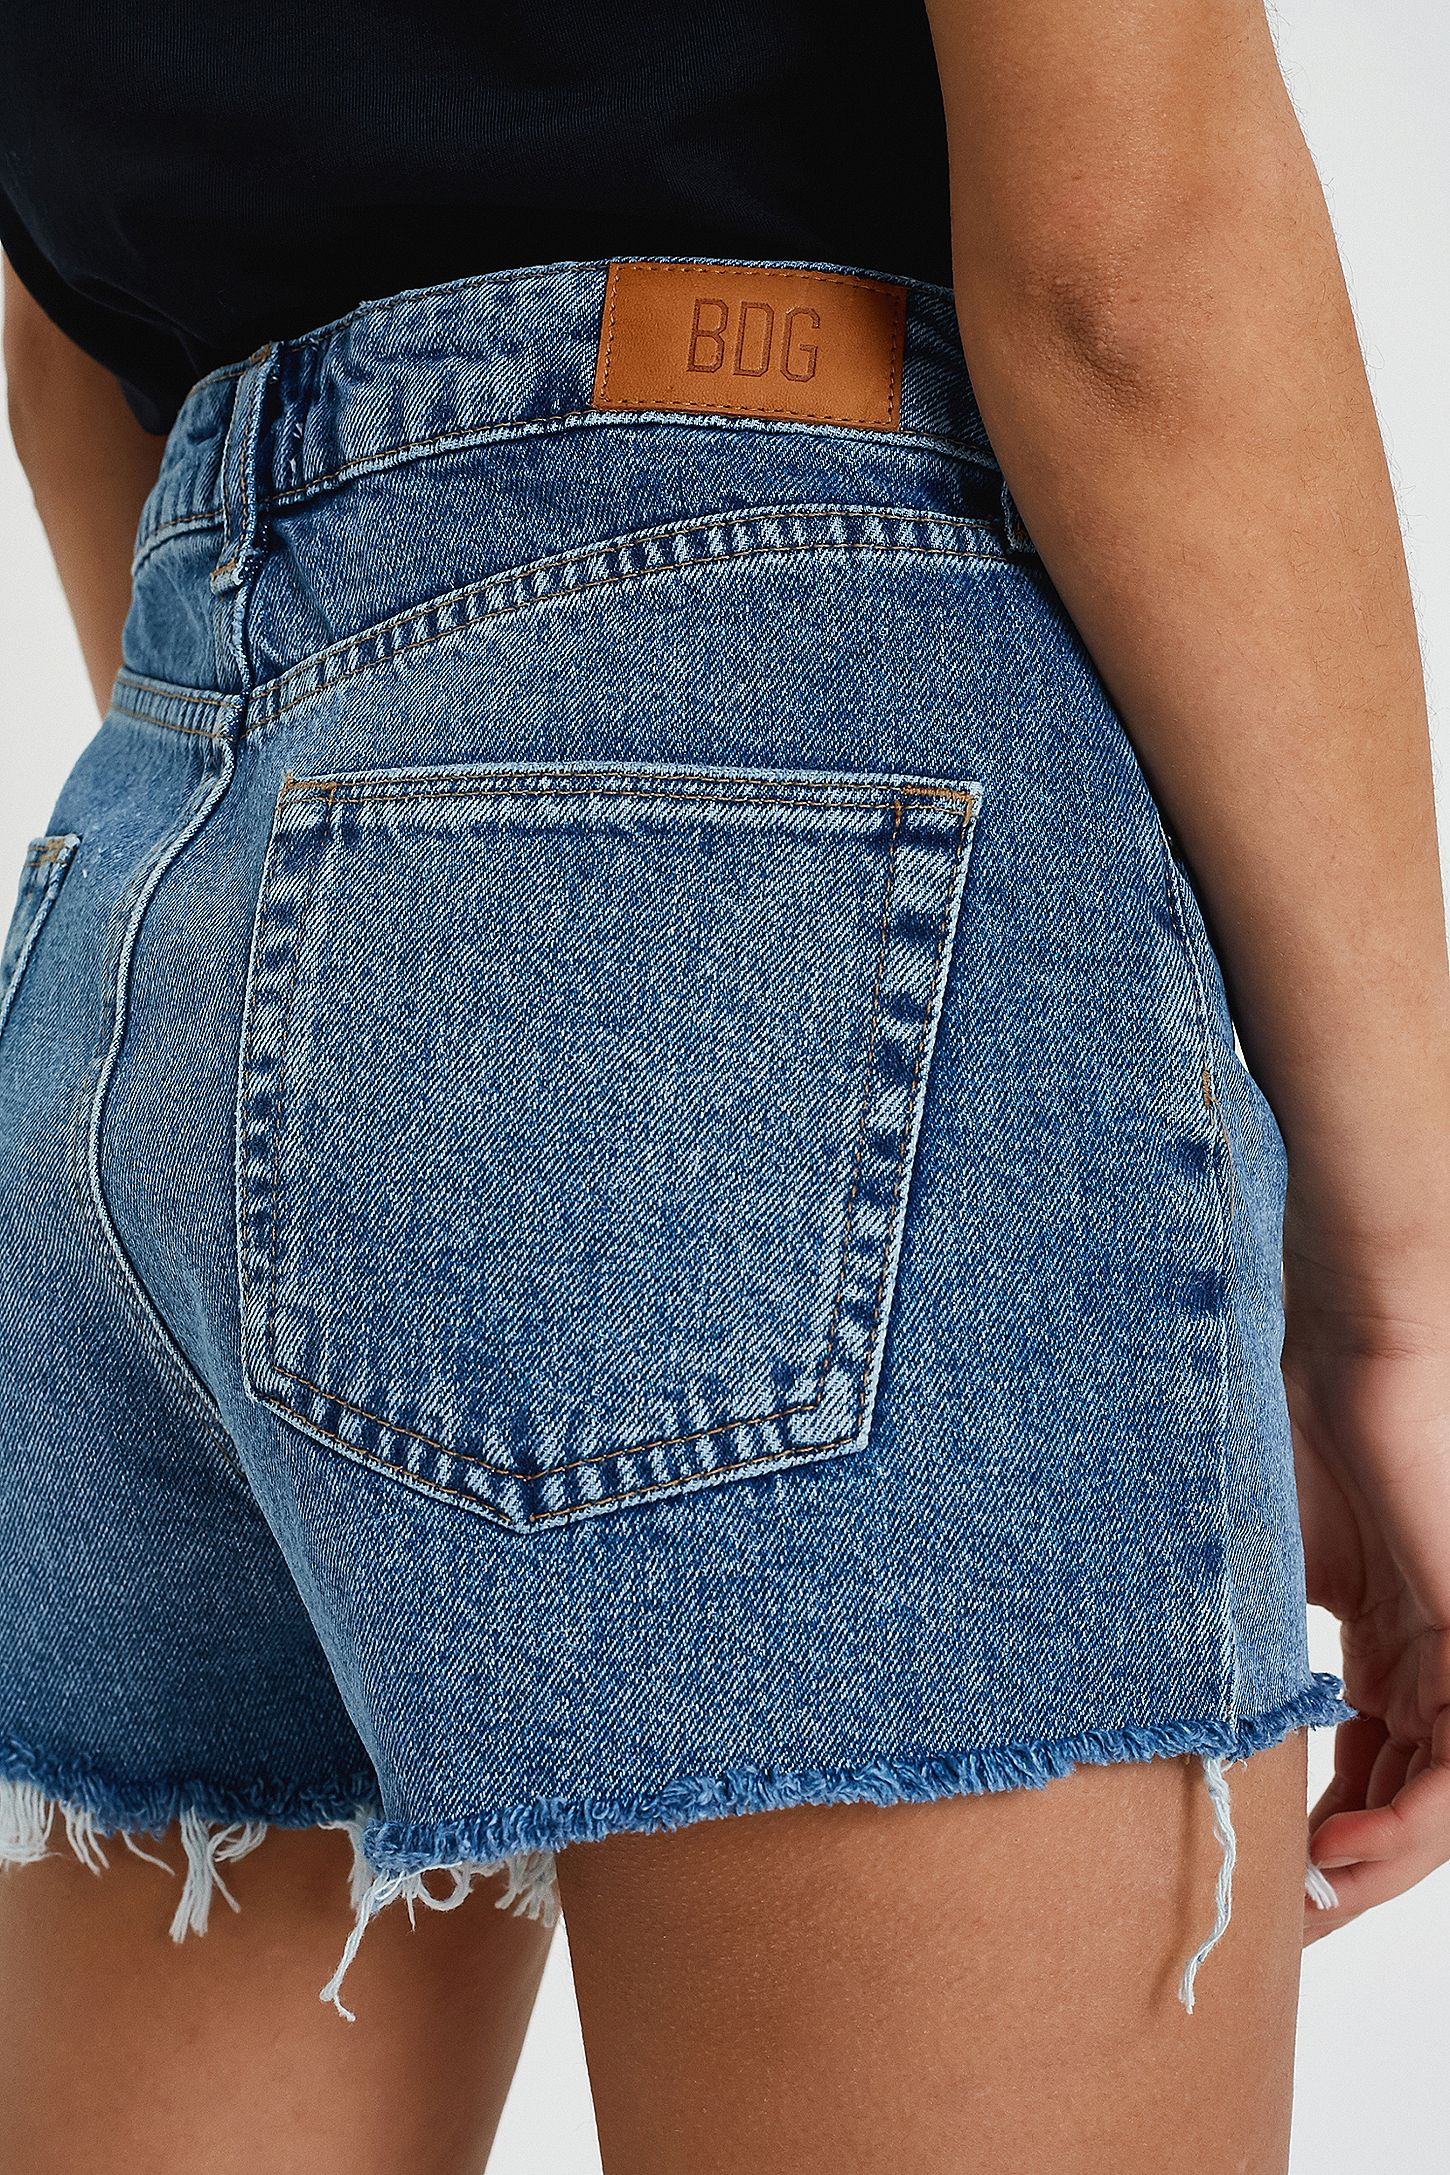 mom jean shorts